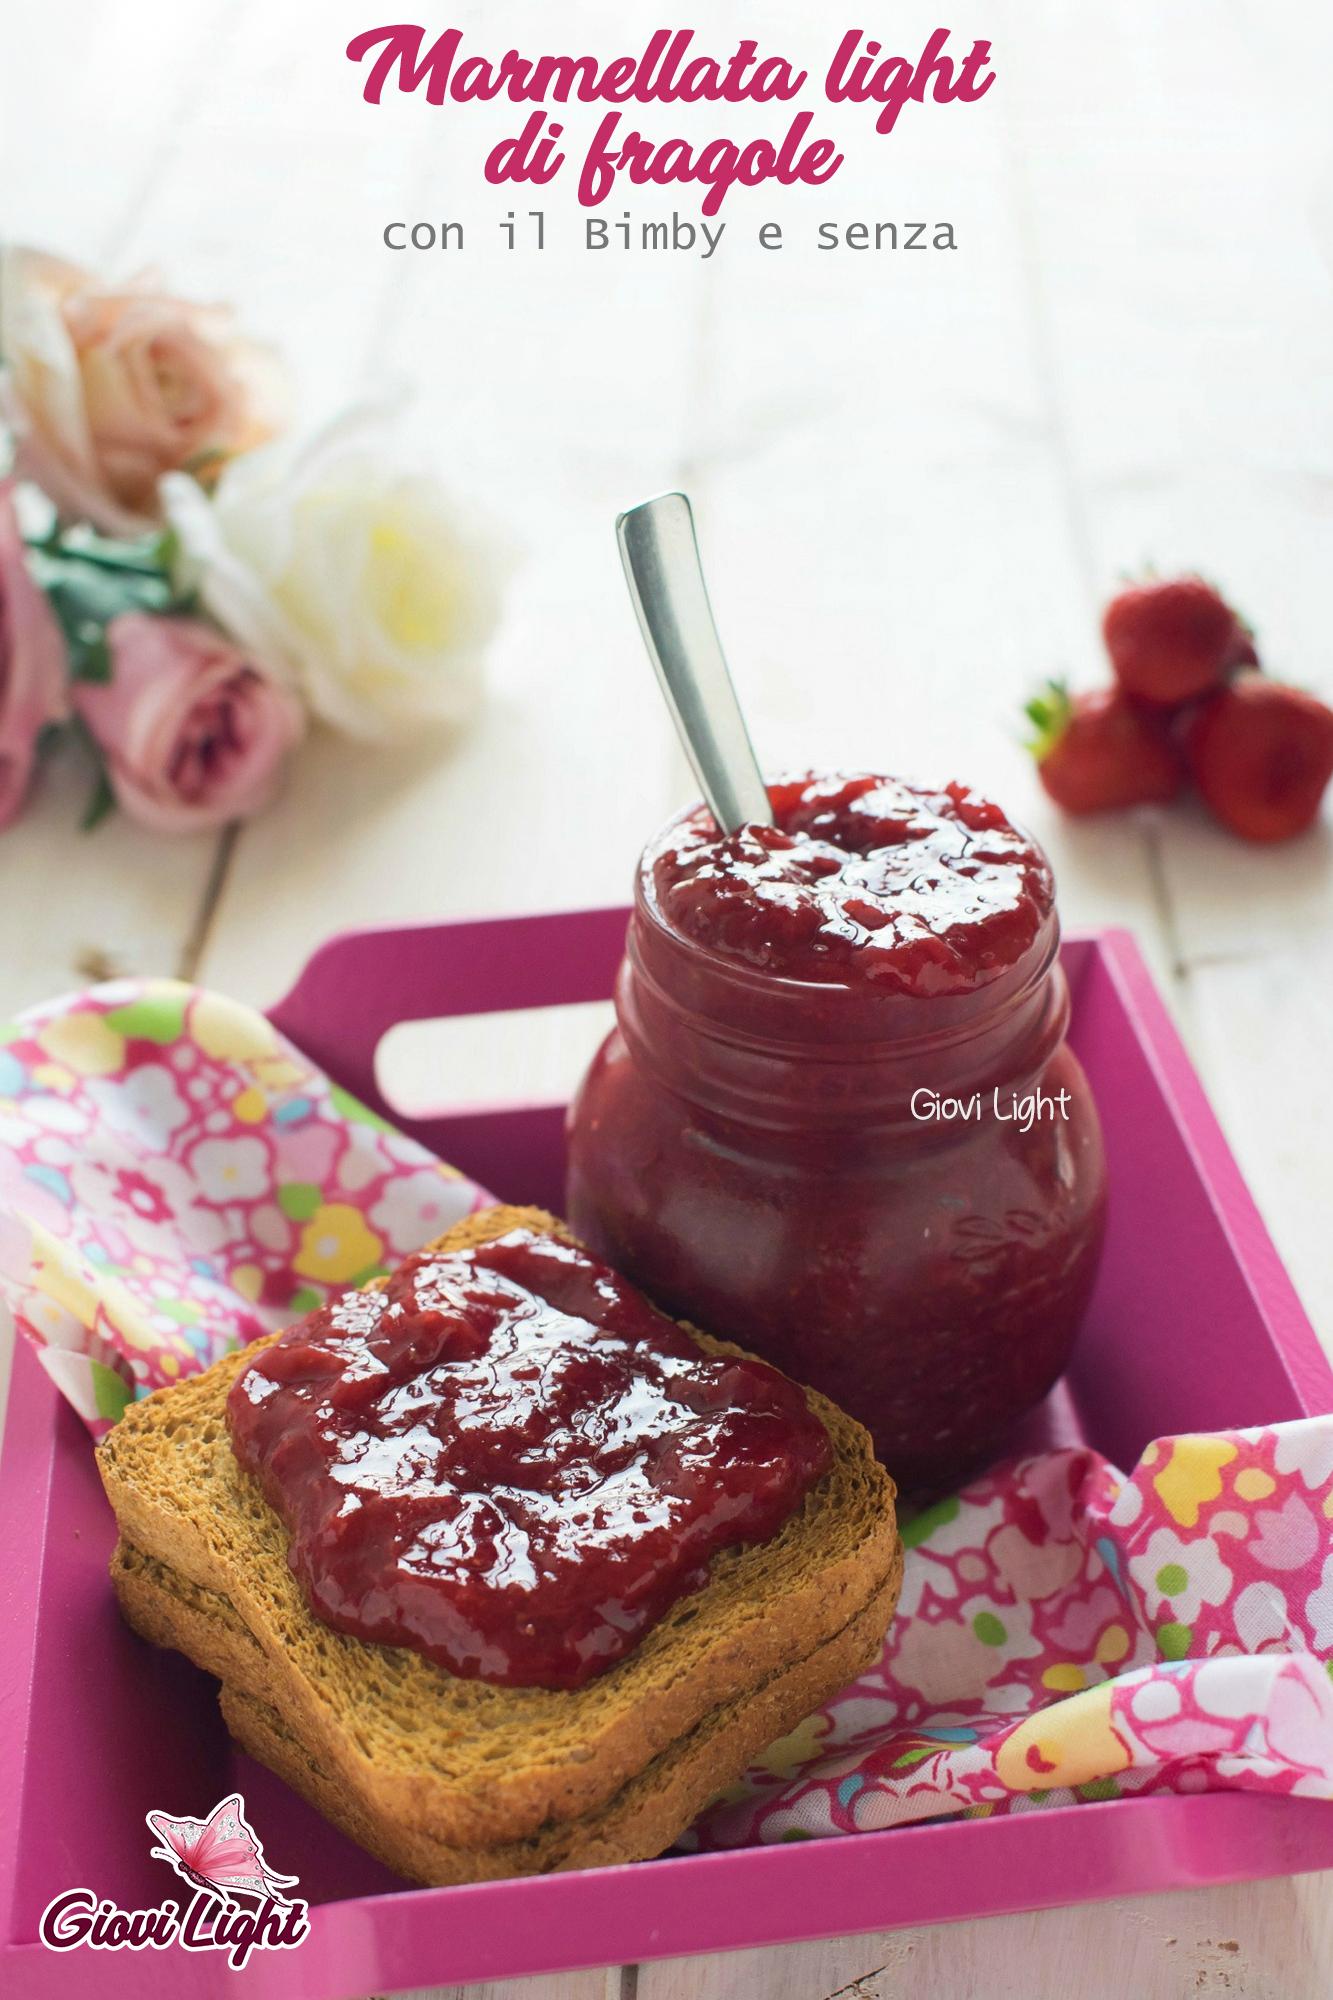 Marmellata light di fragole - con il Bimby e senza